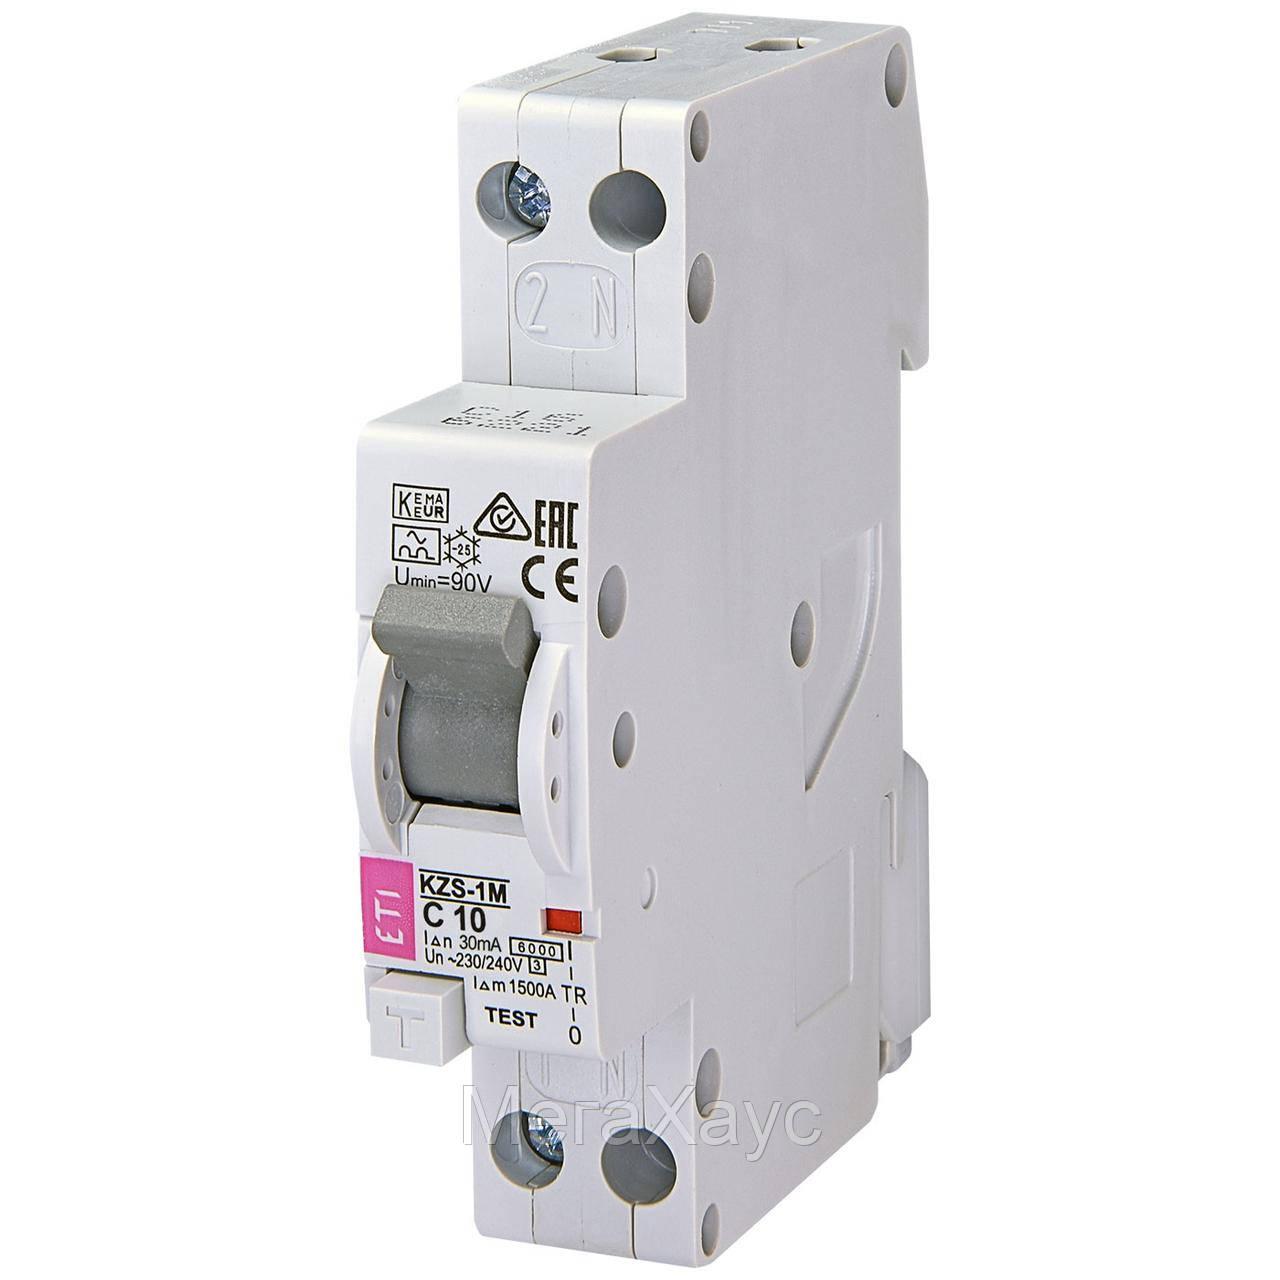 Дифференциальный автоматический выключатель. ETI KZS-1M C 10/0,03 тип A (6kA) (нижн.